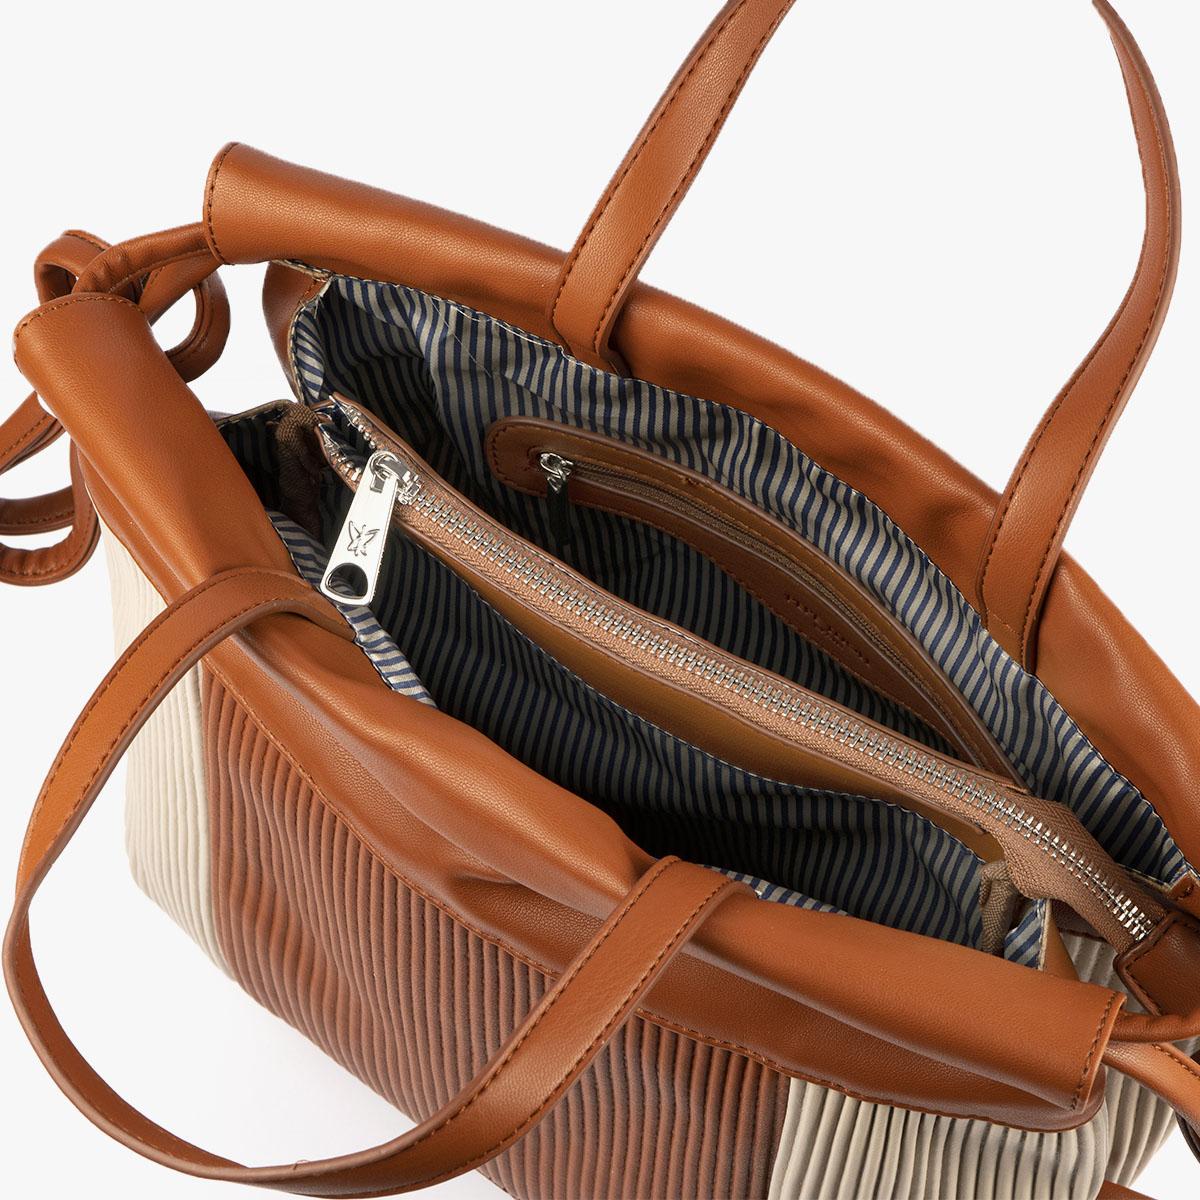 44119 bolso de mochila camel/beige pepemoll